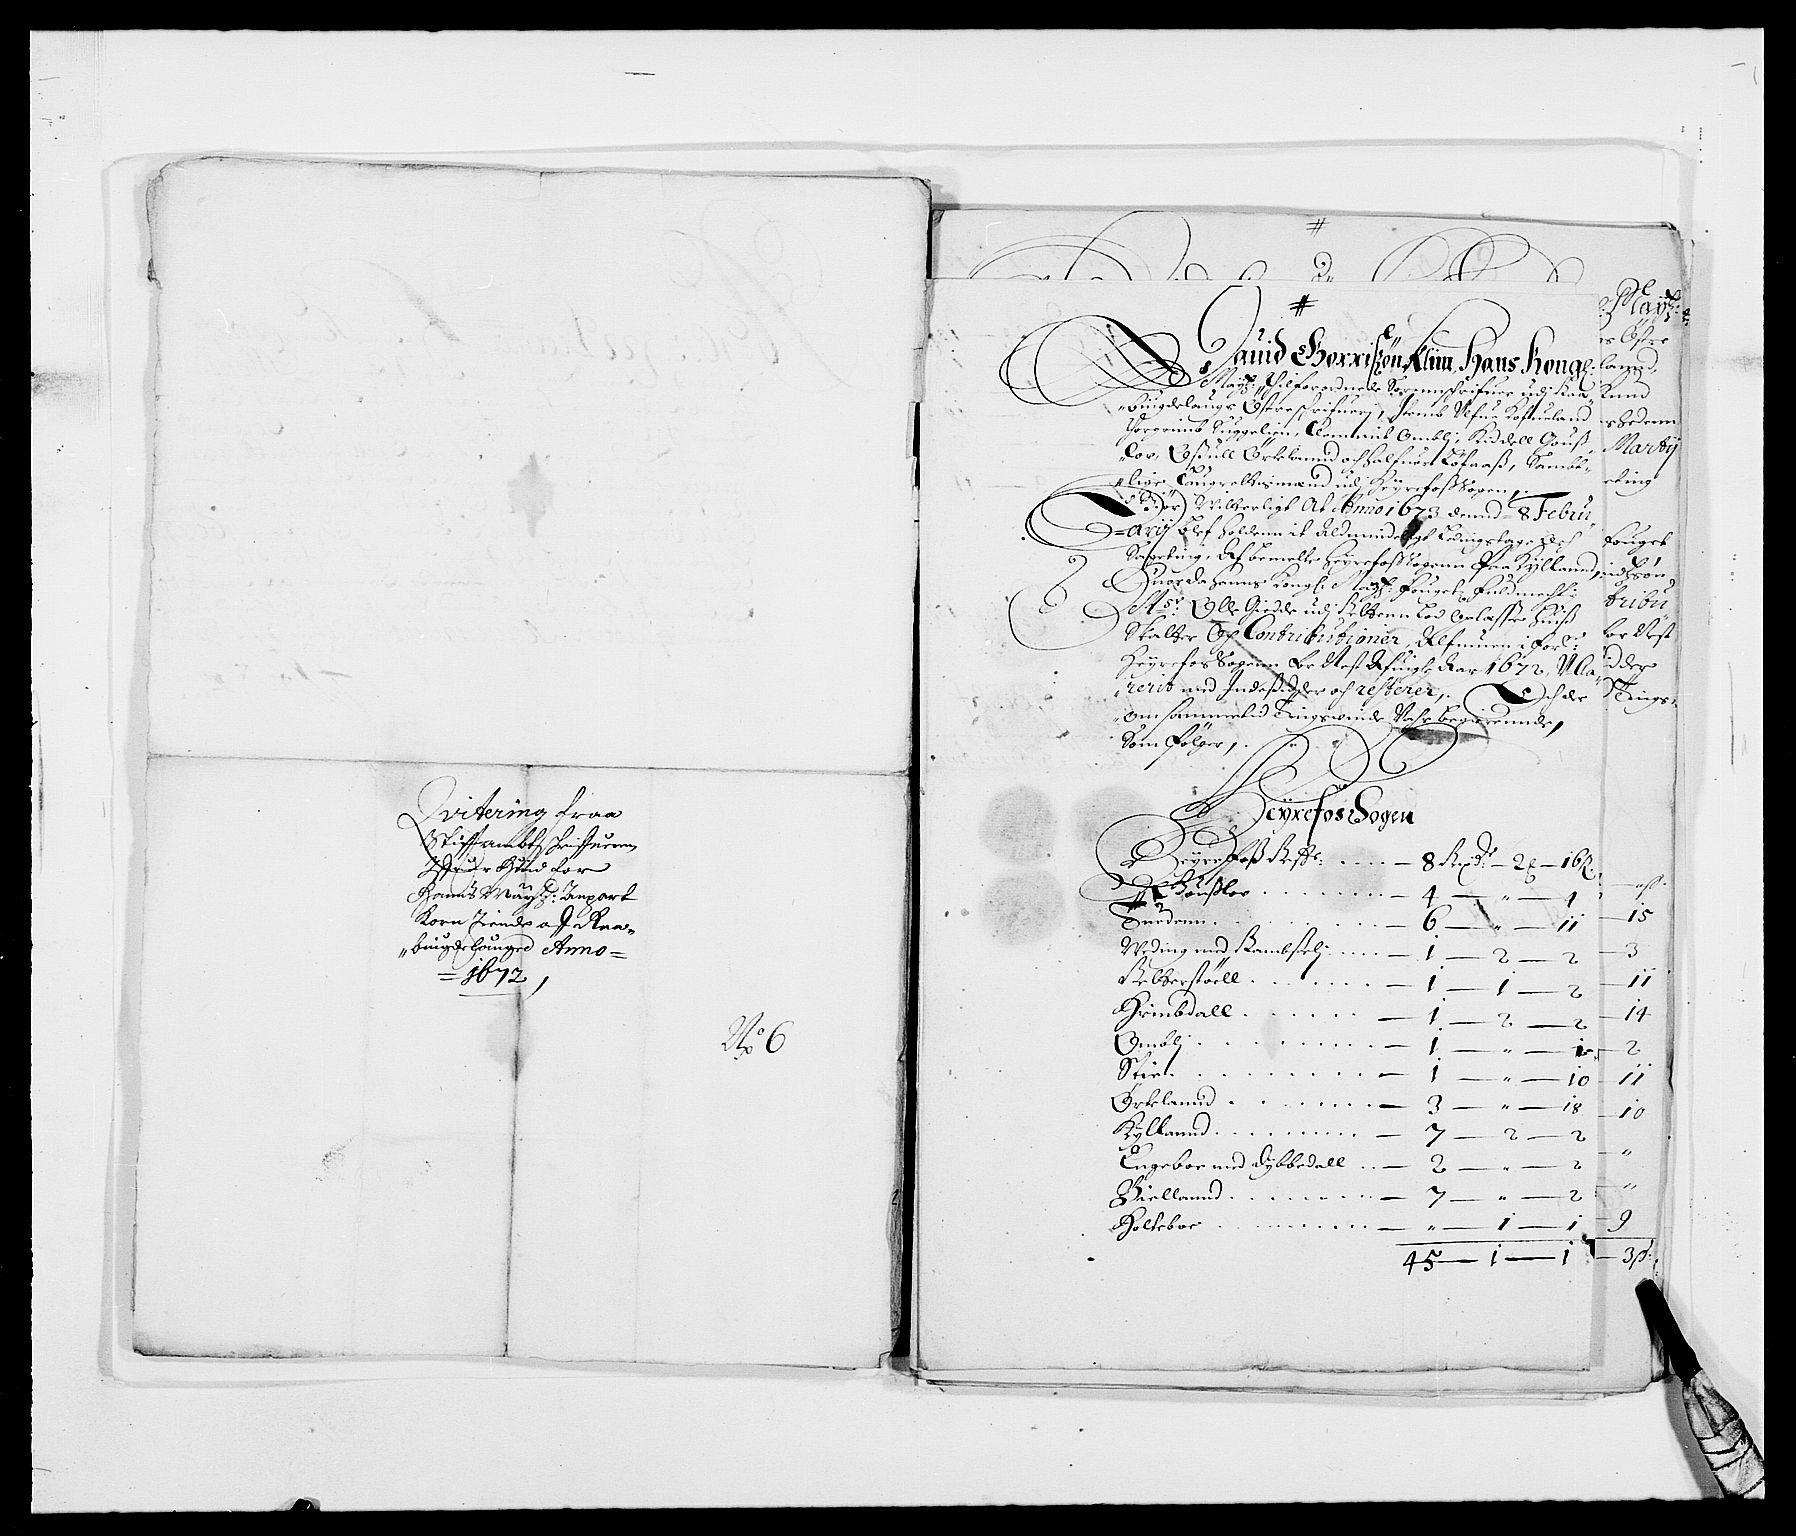 RA, Rentekammeret inntil 1814, Reviderte regnskaper, Fogderegnskap, R40/L2433: Fogderegnskap Råbyggelag, 1671-1674, s. 140